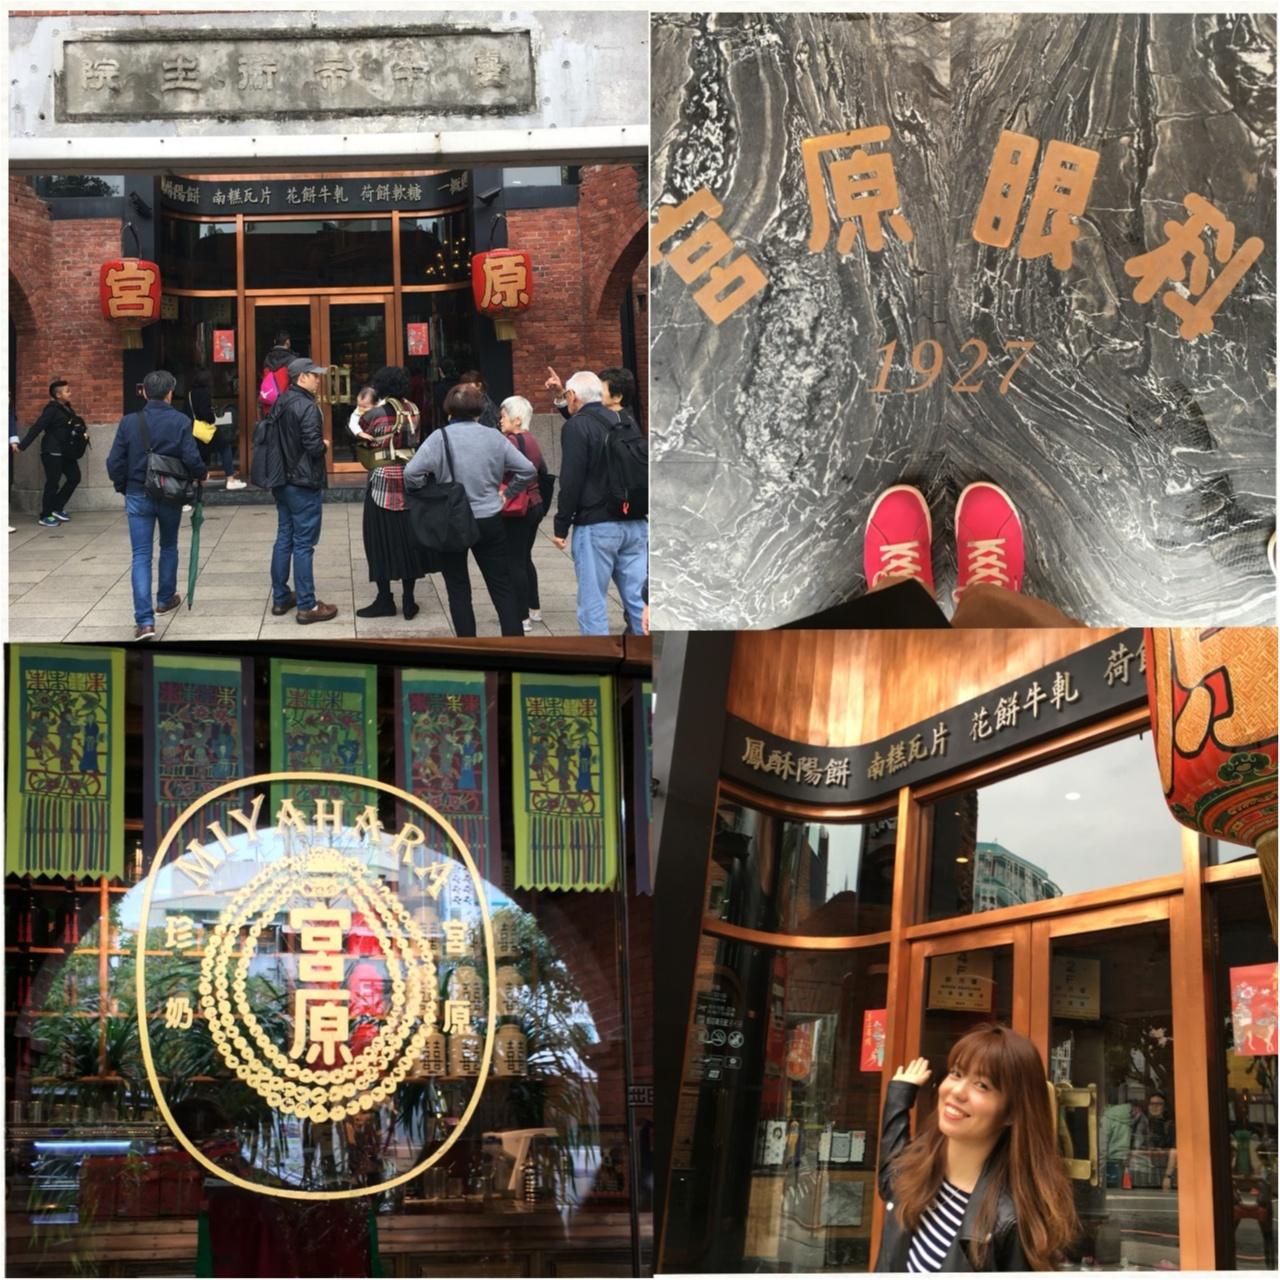 台湾のおしゃれなカフェ&食べ物特集 - 人気のタピオカや小籠包も! 台湾女子旅におすすめのグルメ情報まとめ_84